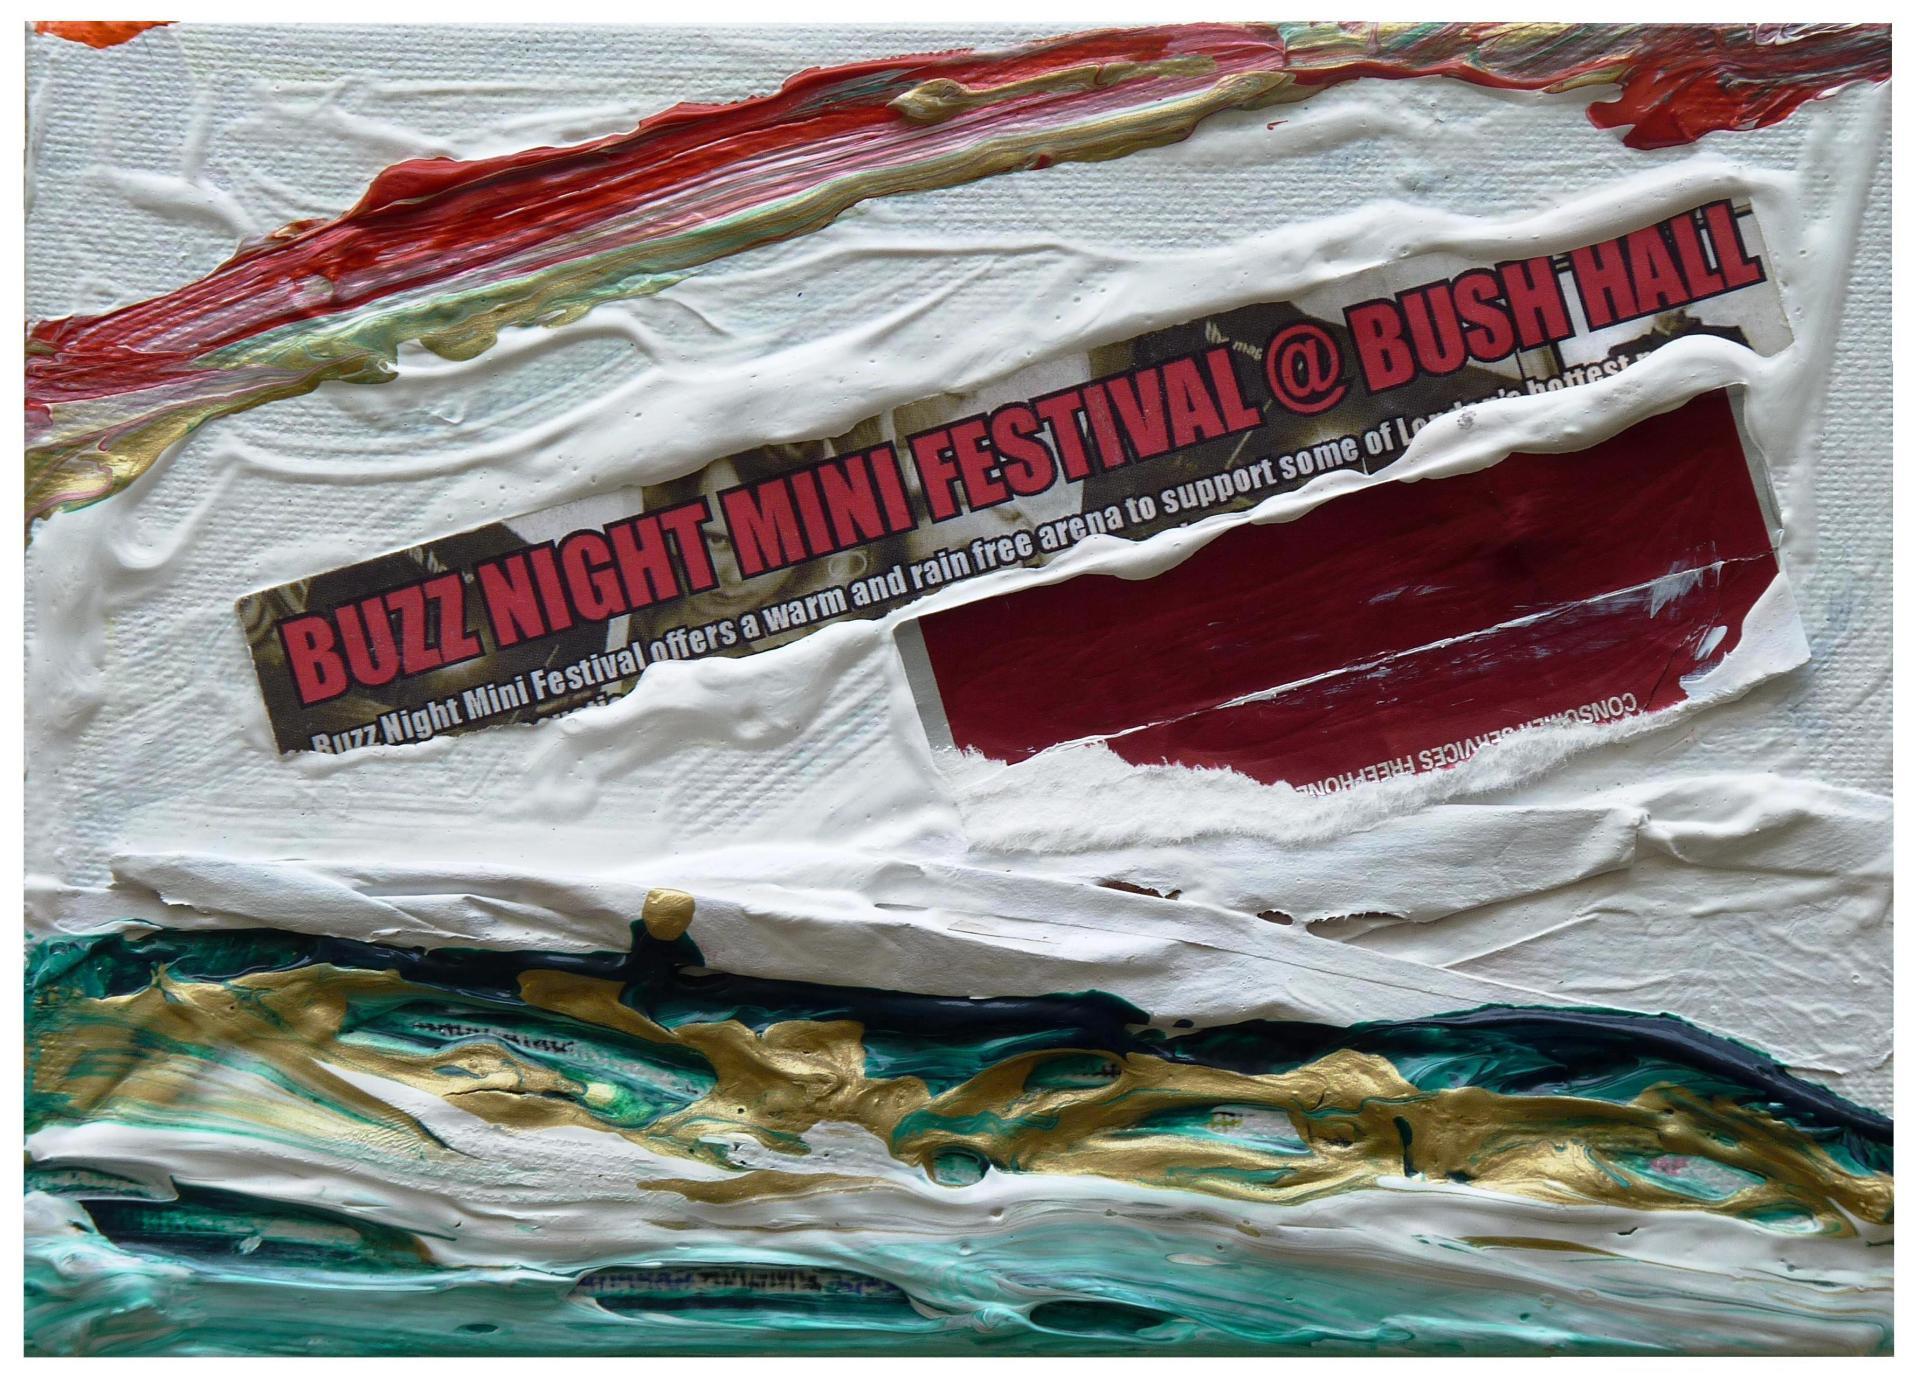 BUZZ NIGHT MINI FESTIVAL @ AT BUSH HALL Mixed Media on Canva